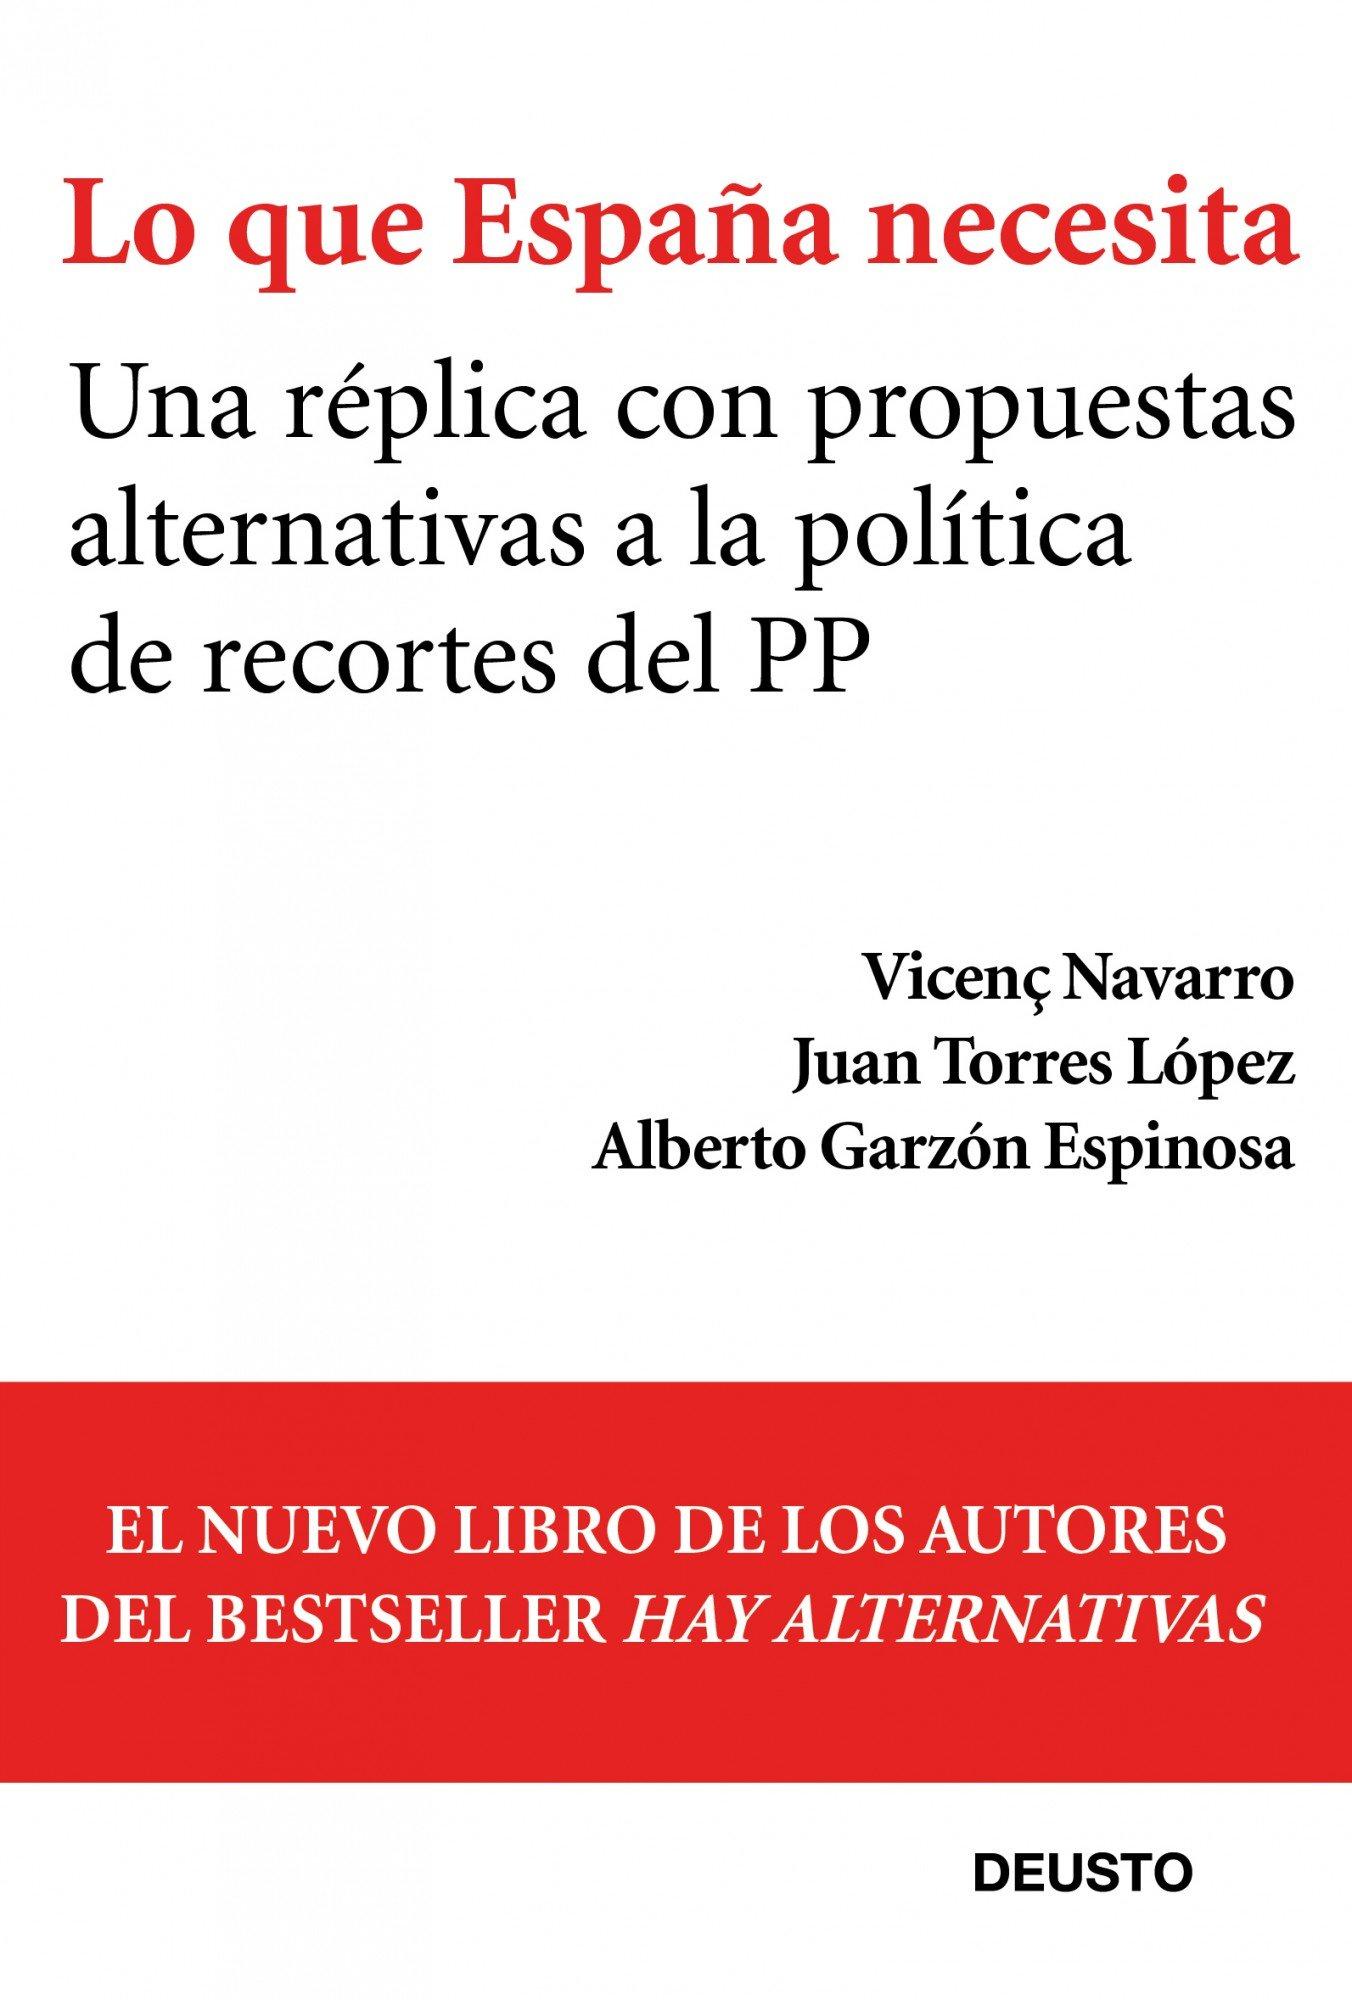 Lo que España necesita: Una réplica con propuestas alternativas a la política de recortes del PP Sin colección: Amazon.es: Navarro, Vicenç, Torres López, Juan, Garzón, Alberto: Libros